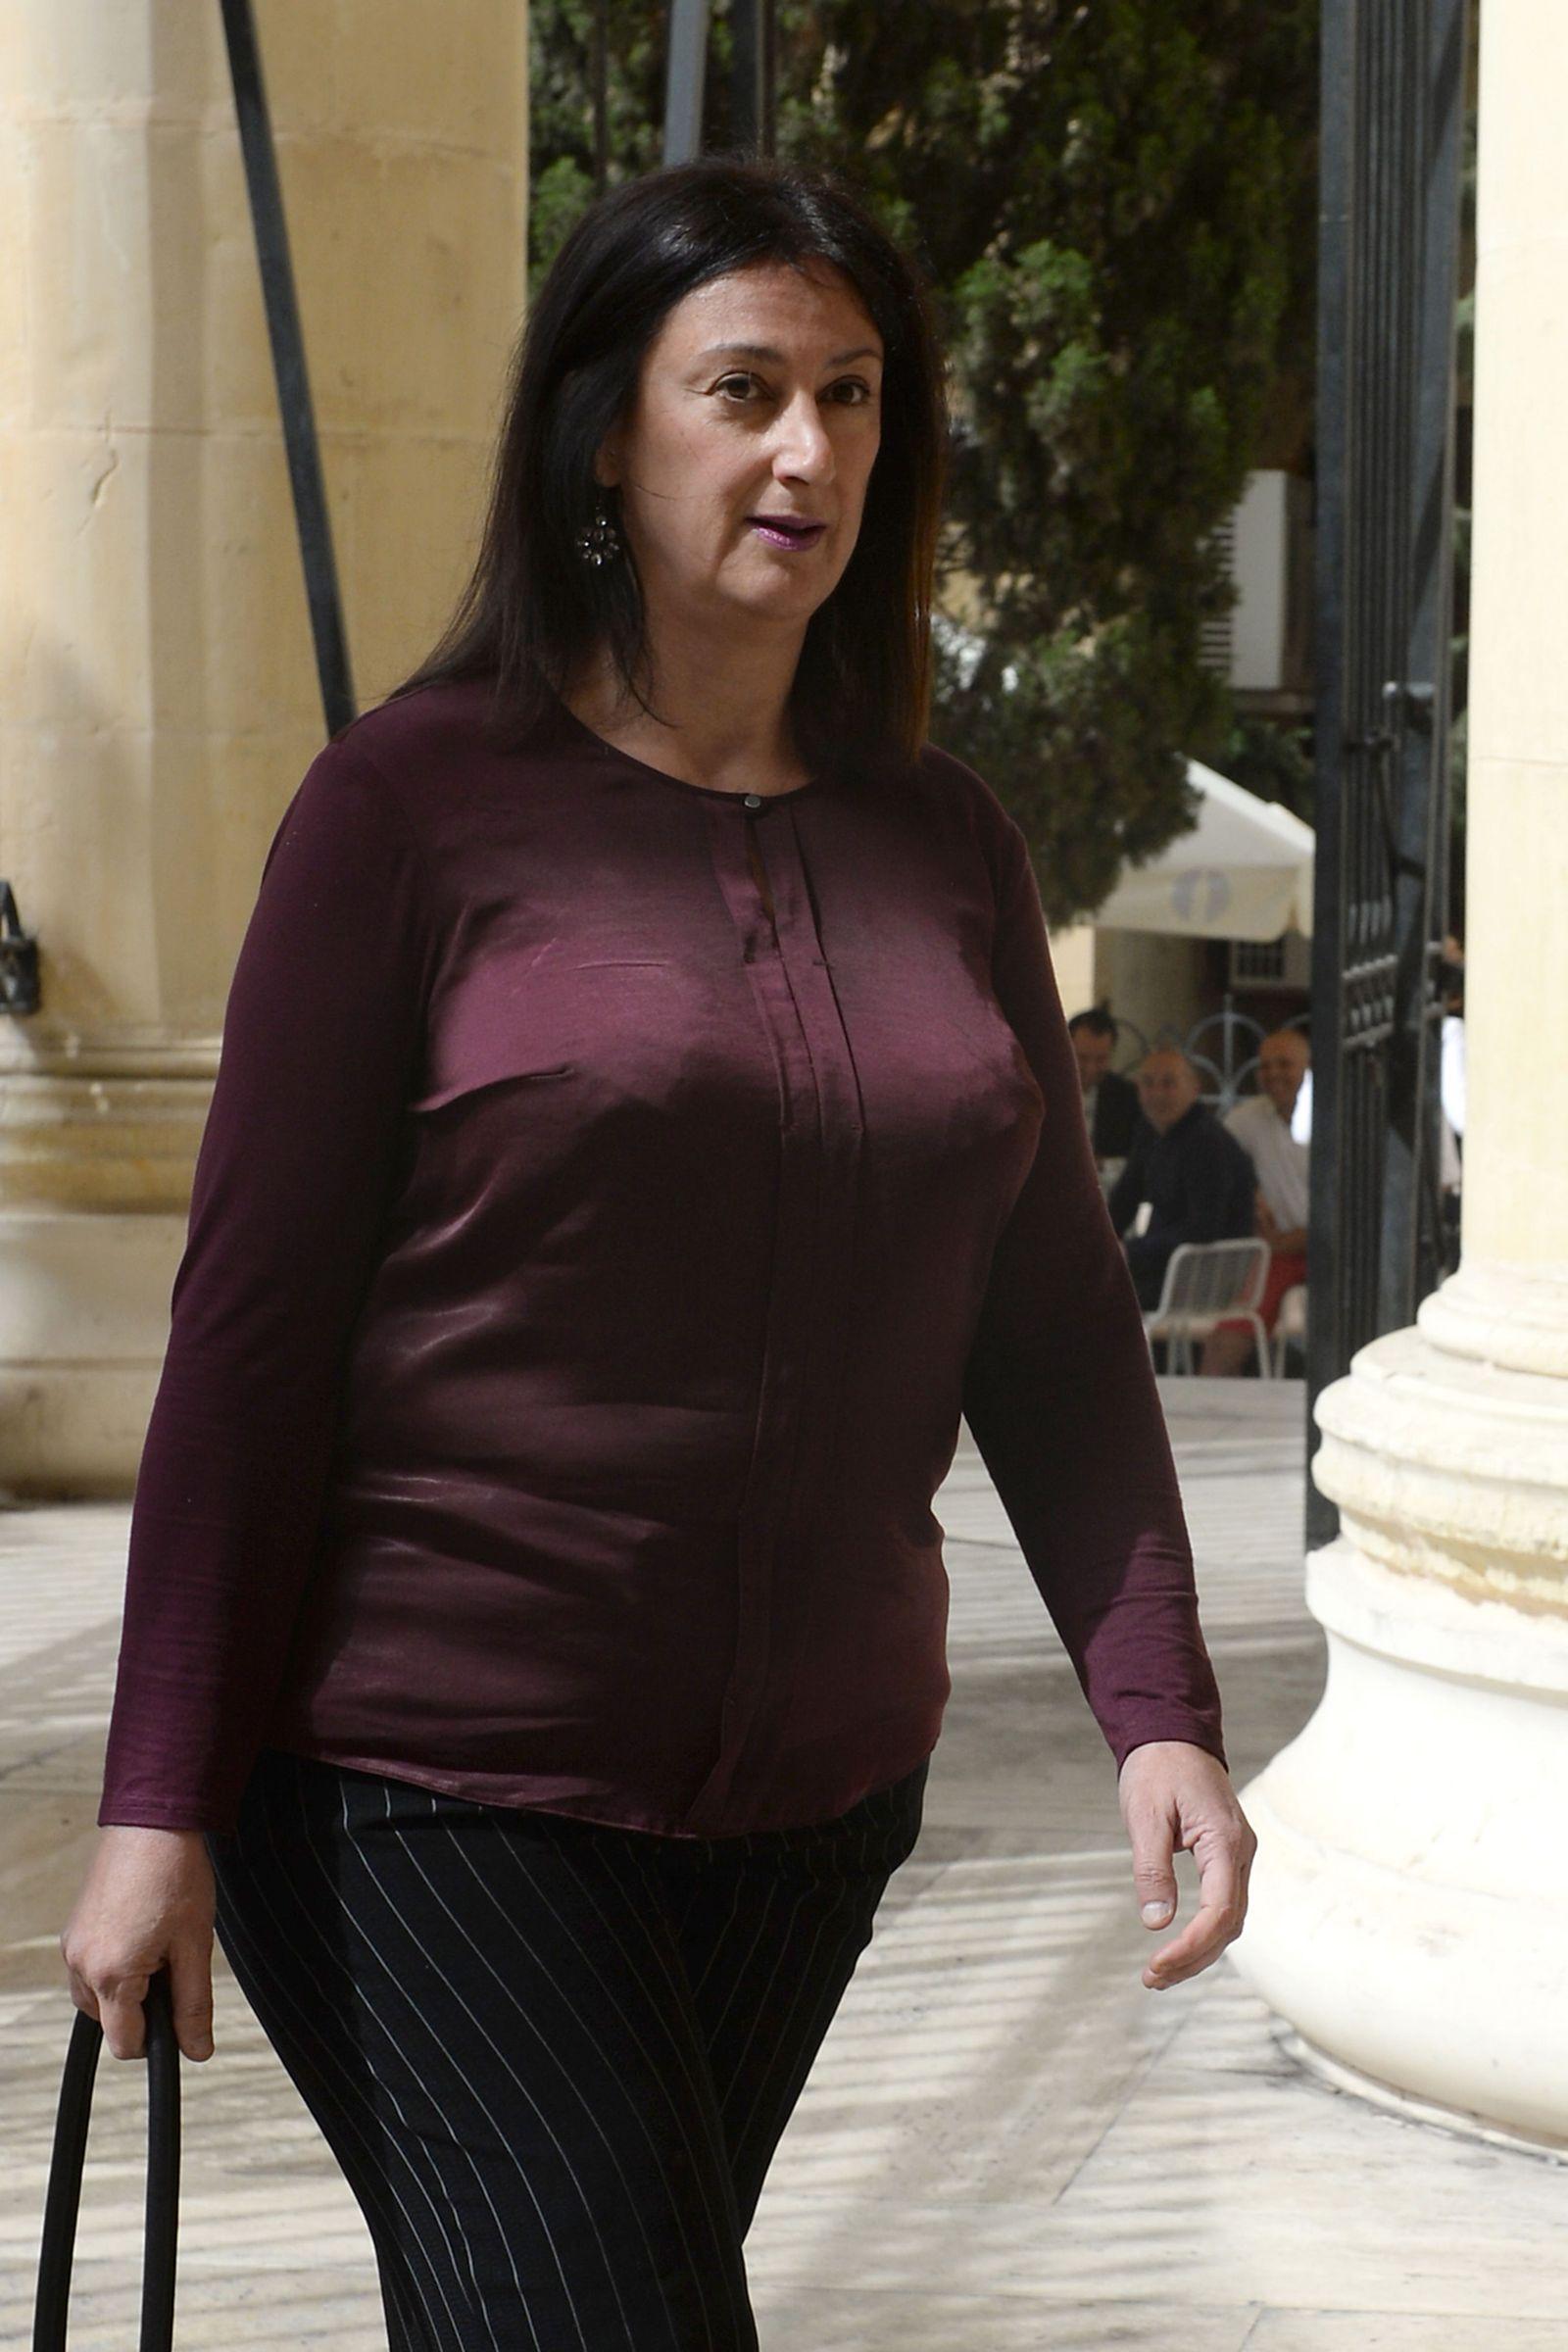 Daphne Capuana Galizia